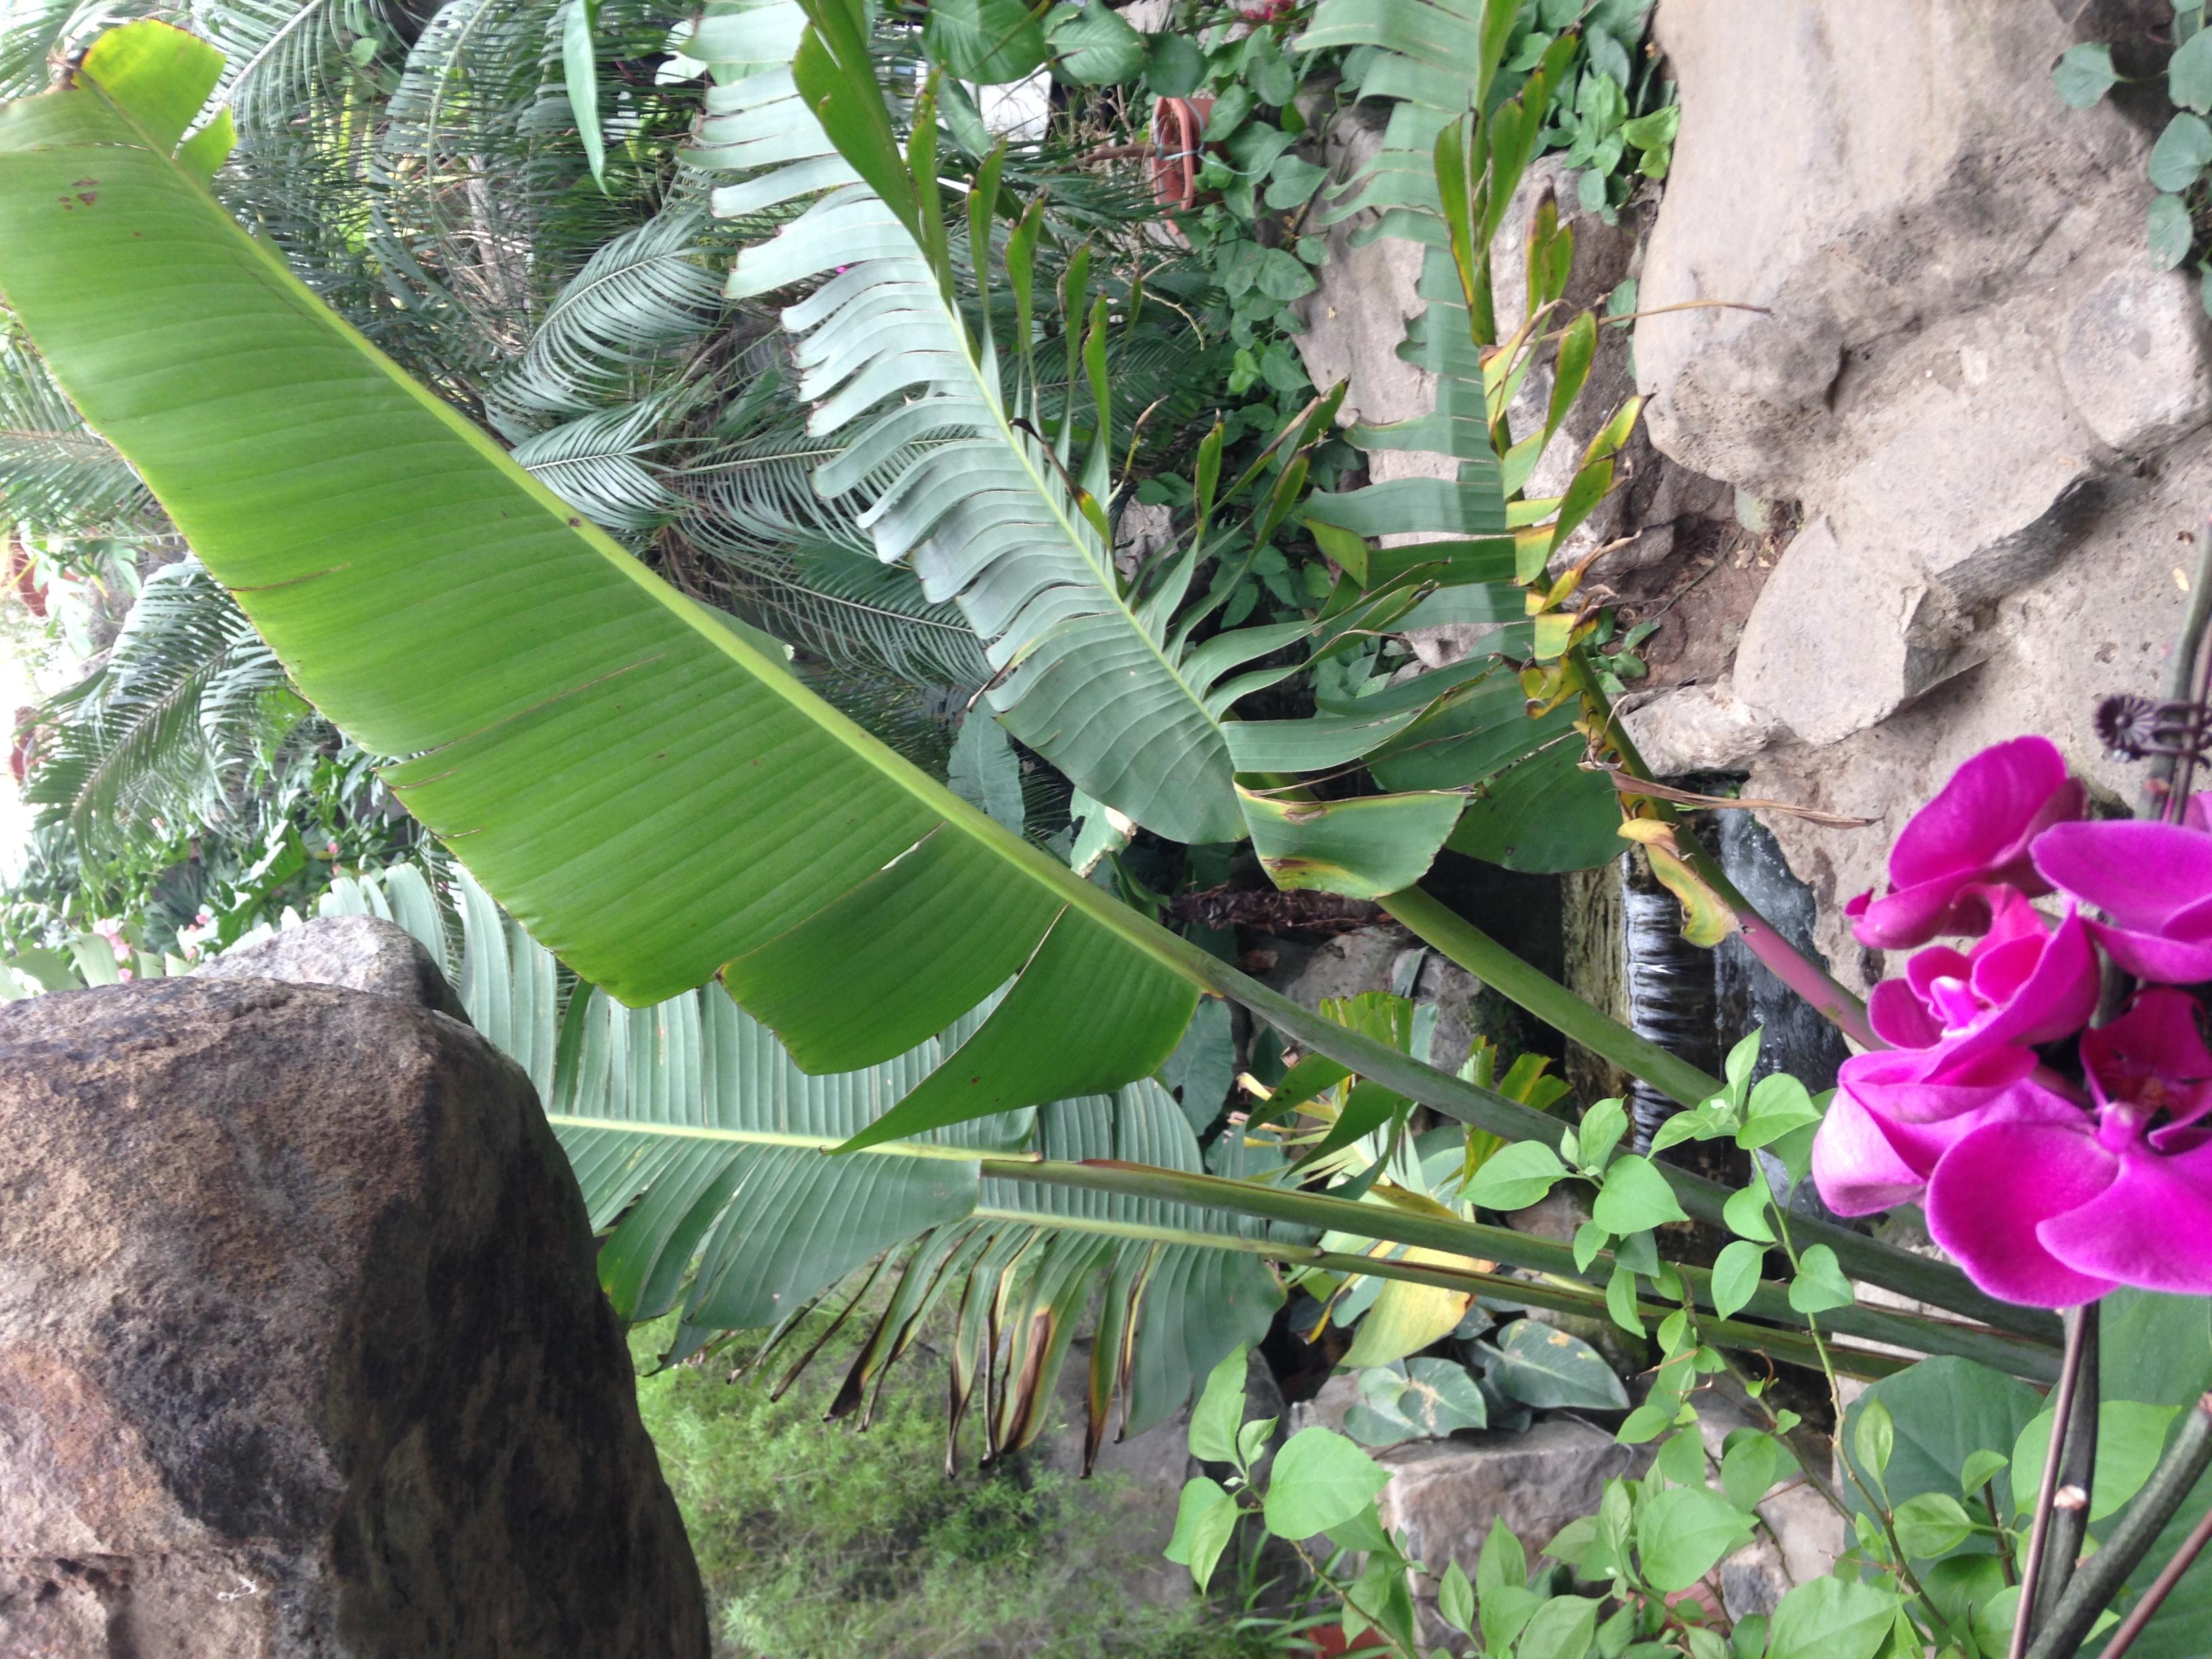 芭蕉树,是芭蕉科,芭蕉属植物,常绿大型多年生草本植物.